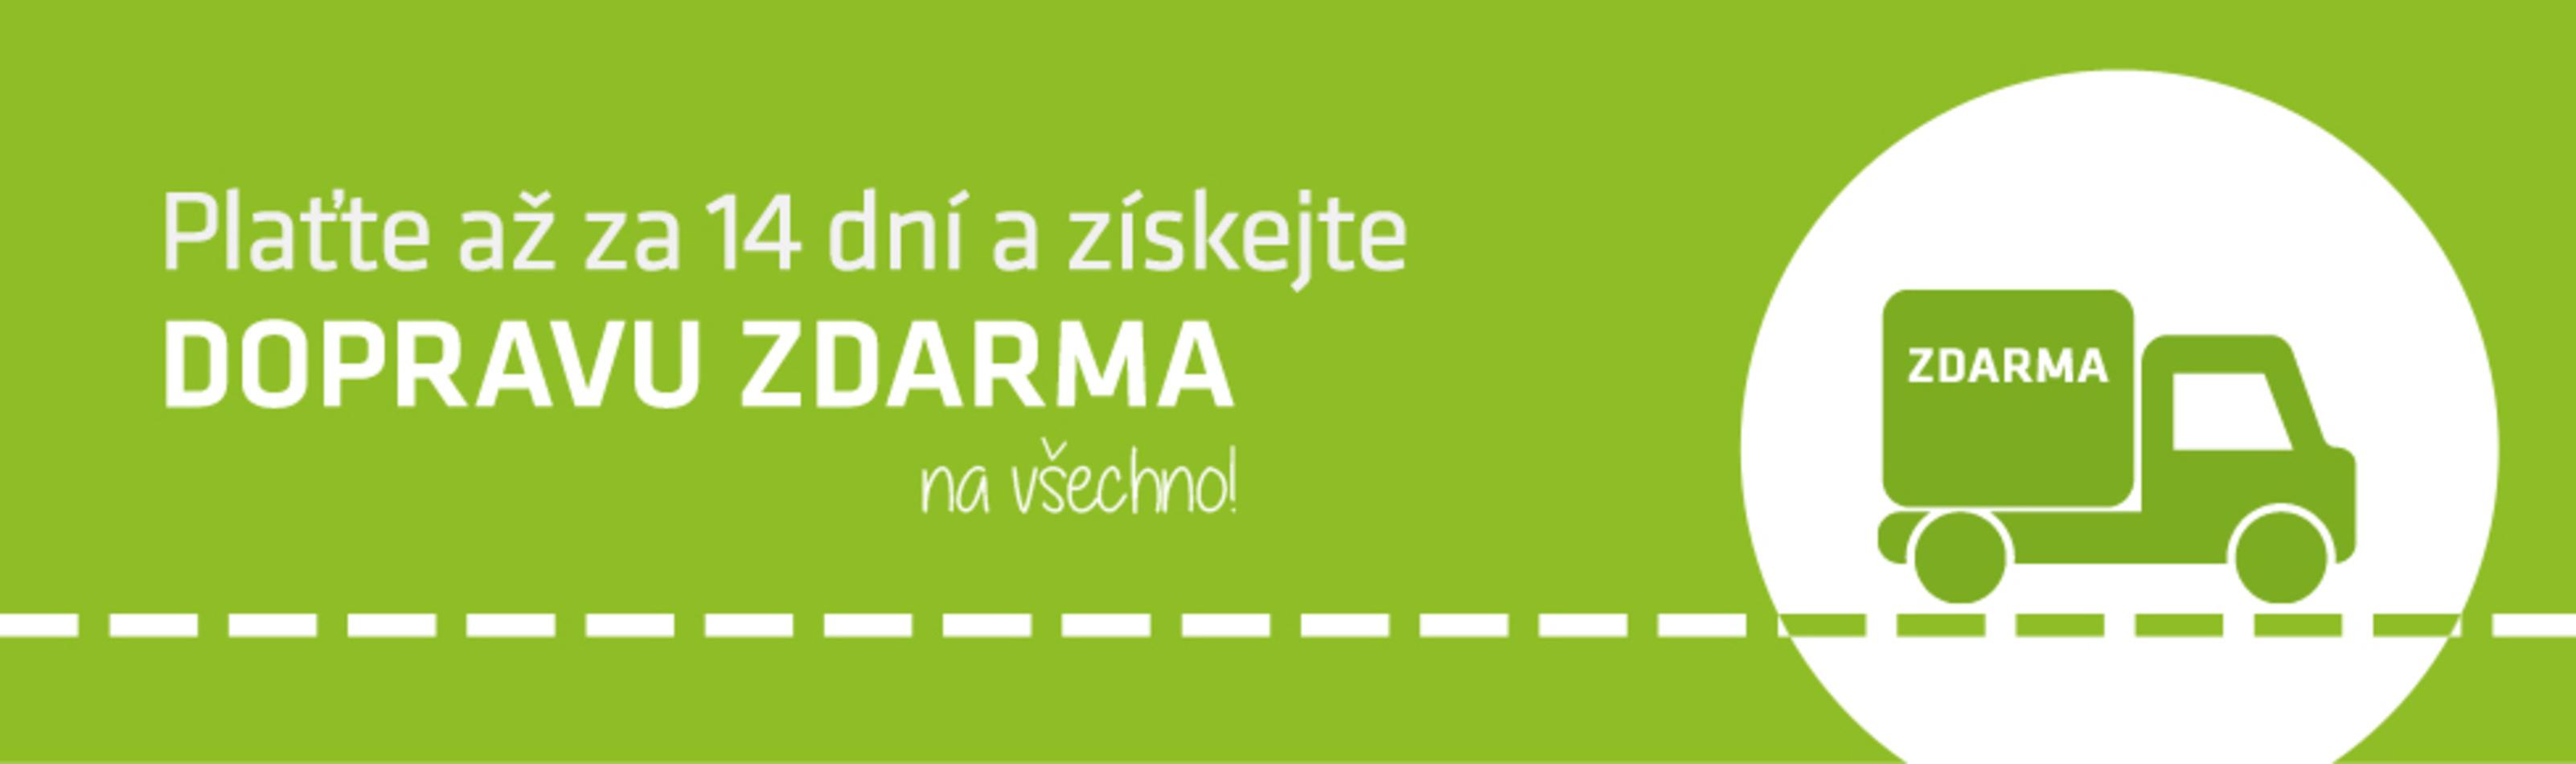 banner_twisto.jpg